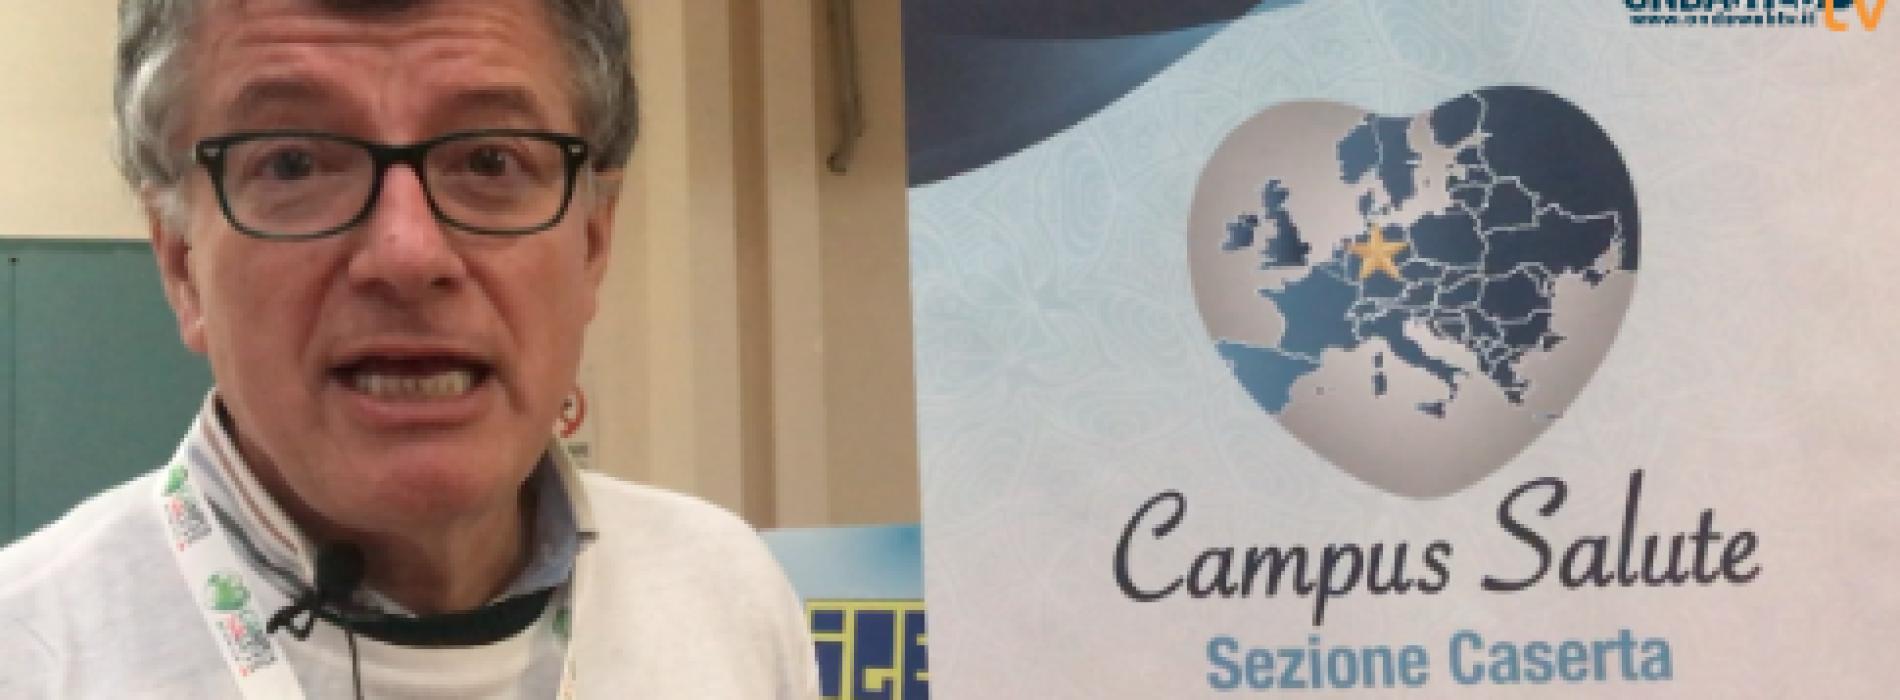 Campus Salute Caserta. Intervista a Rosario Cuomo